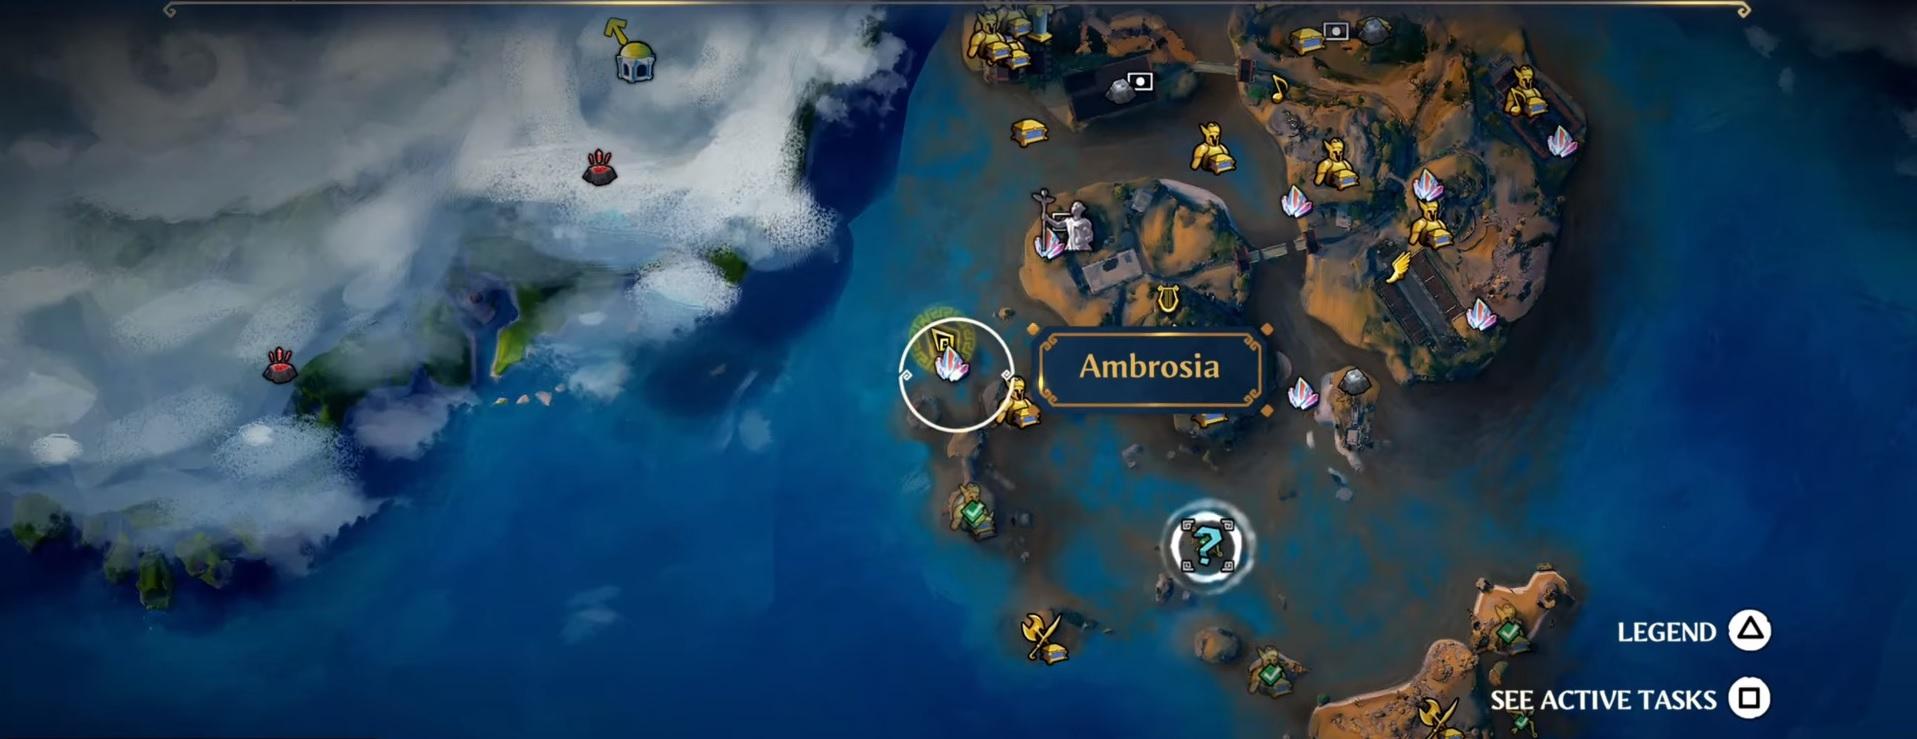 immortals Fenyx Rising Ambrosia 1